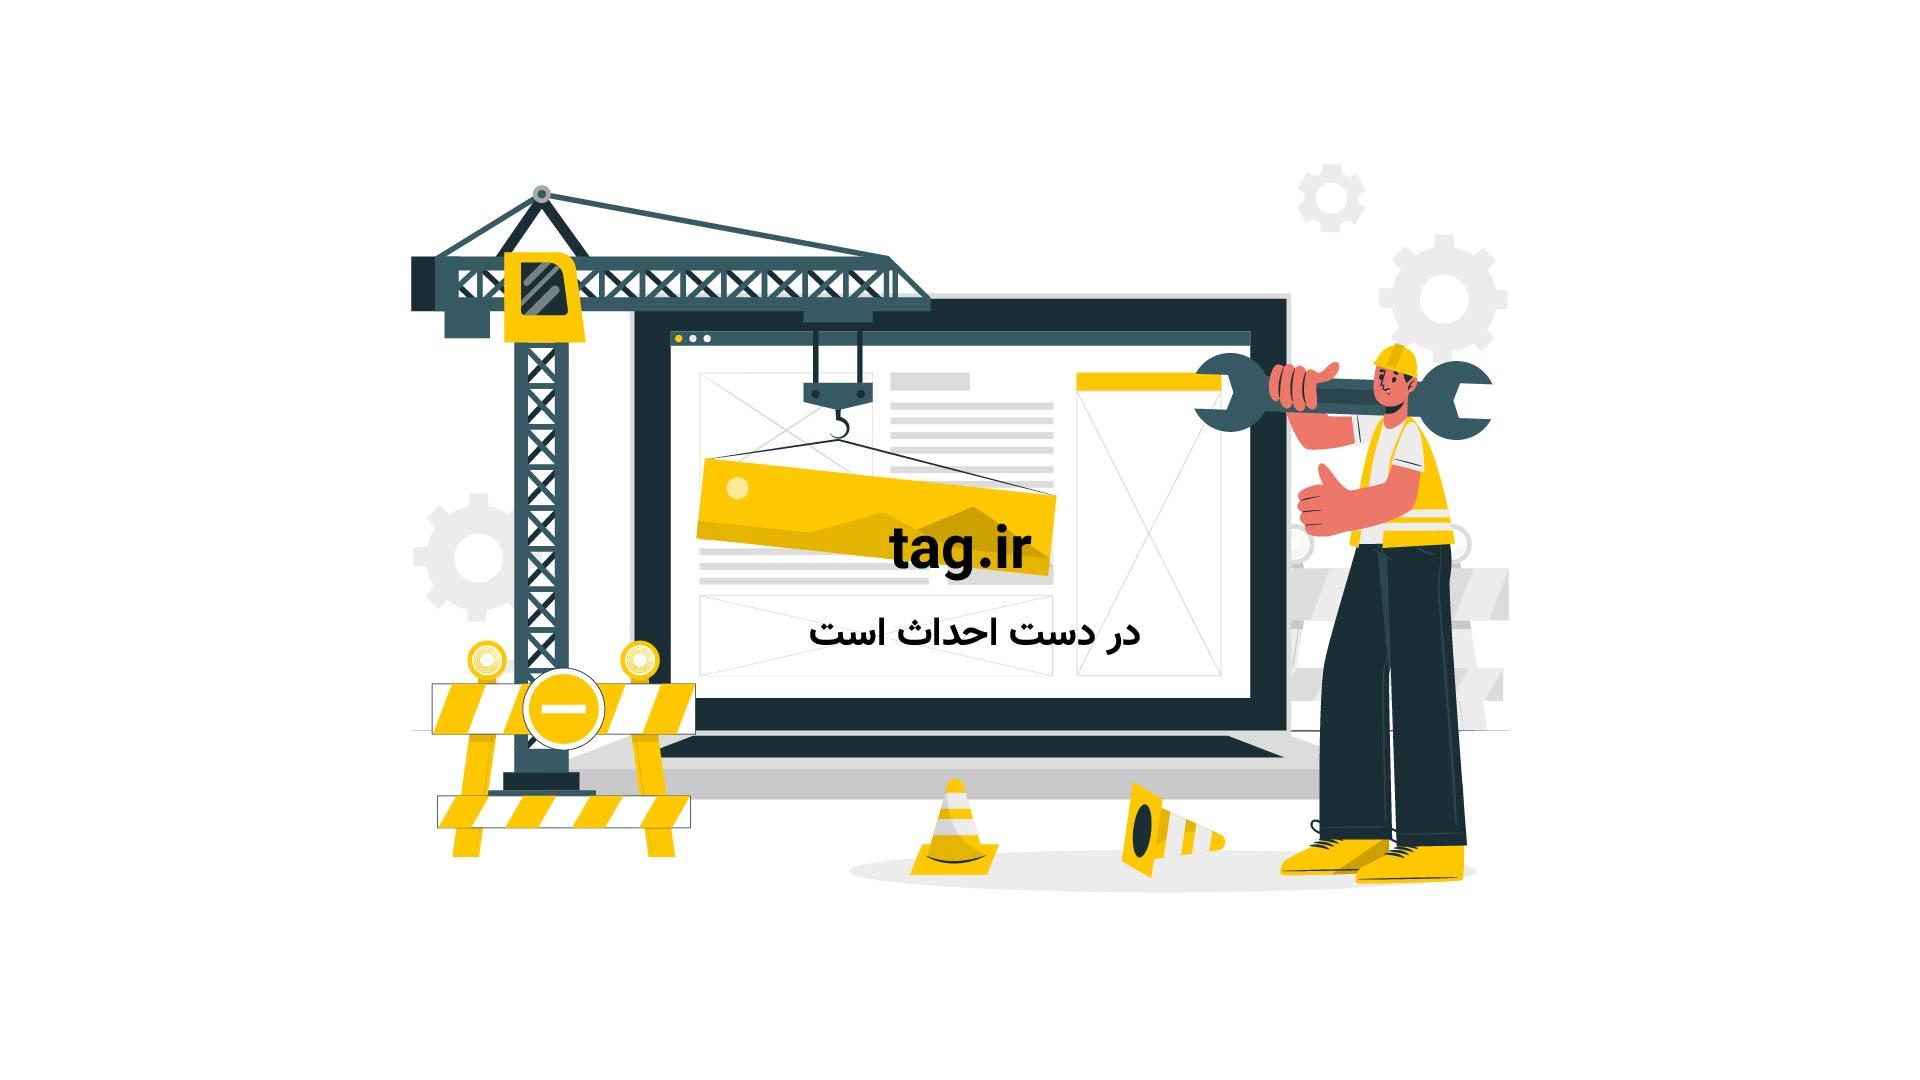 فوتبال کودکان | تگ